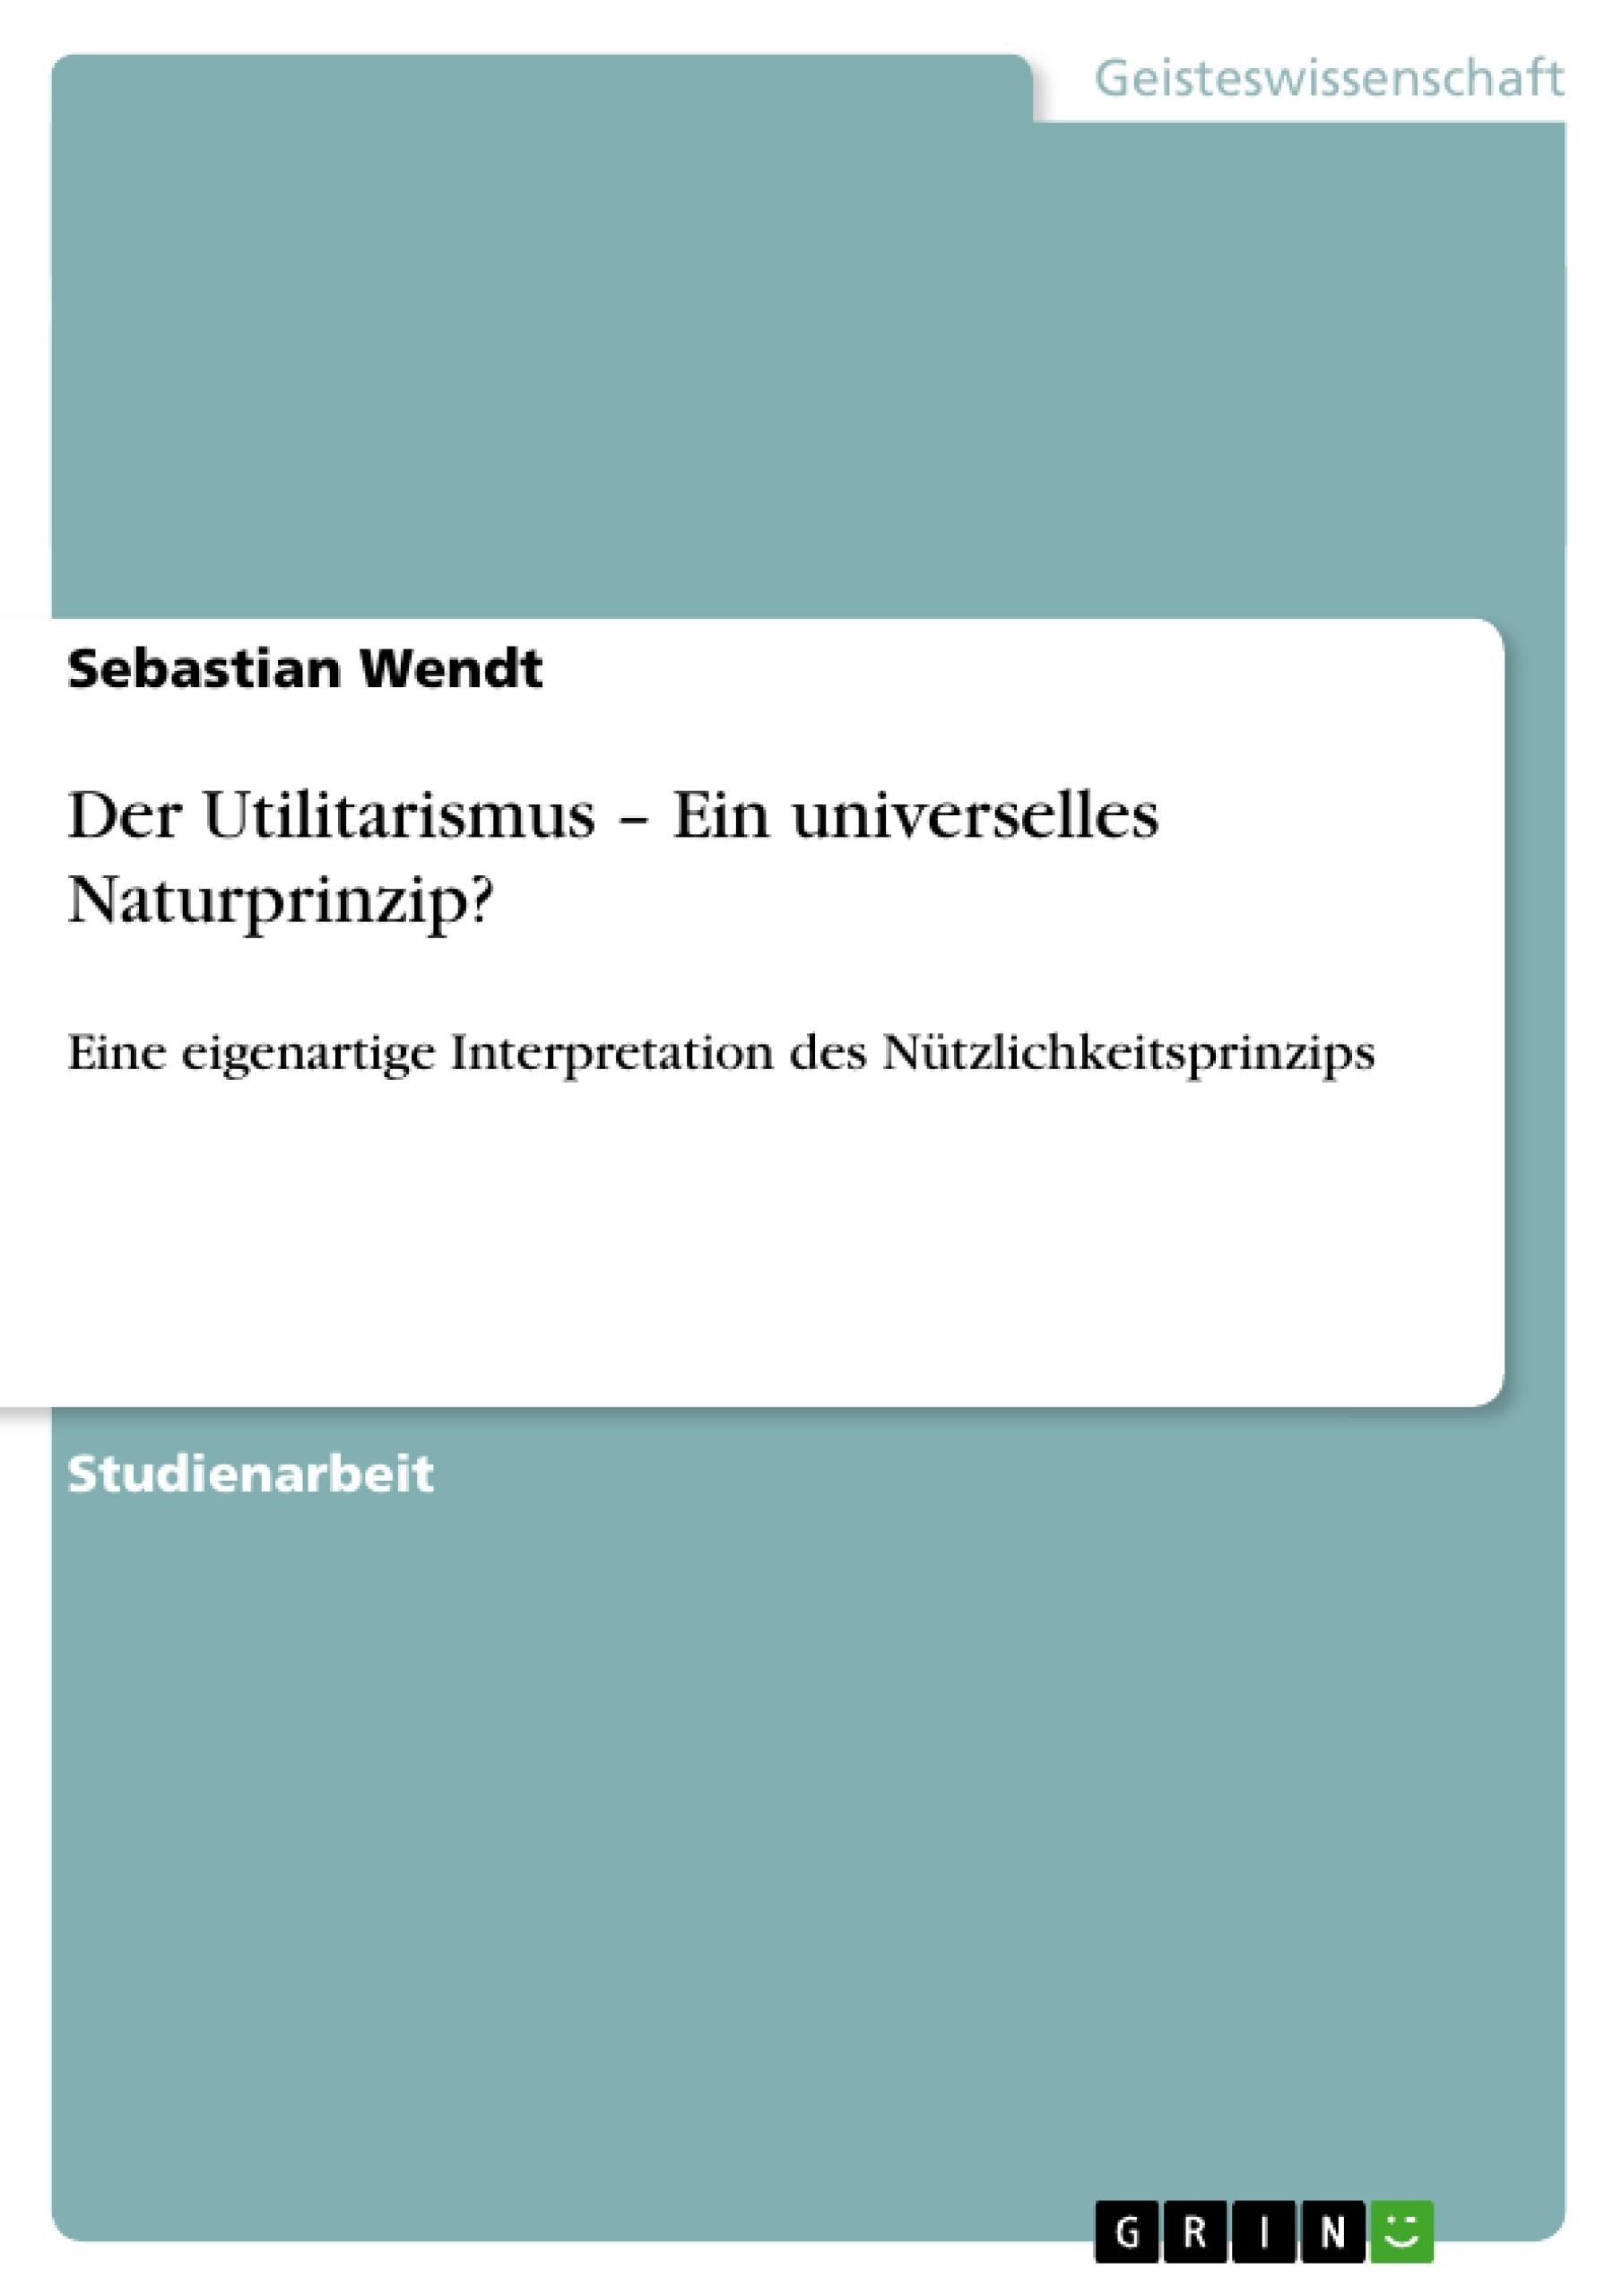 Titel: Der Utilitarismus – Ein universelles Naturprinzip?